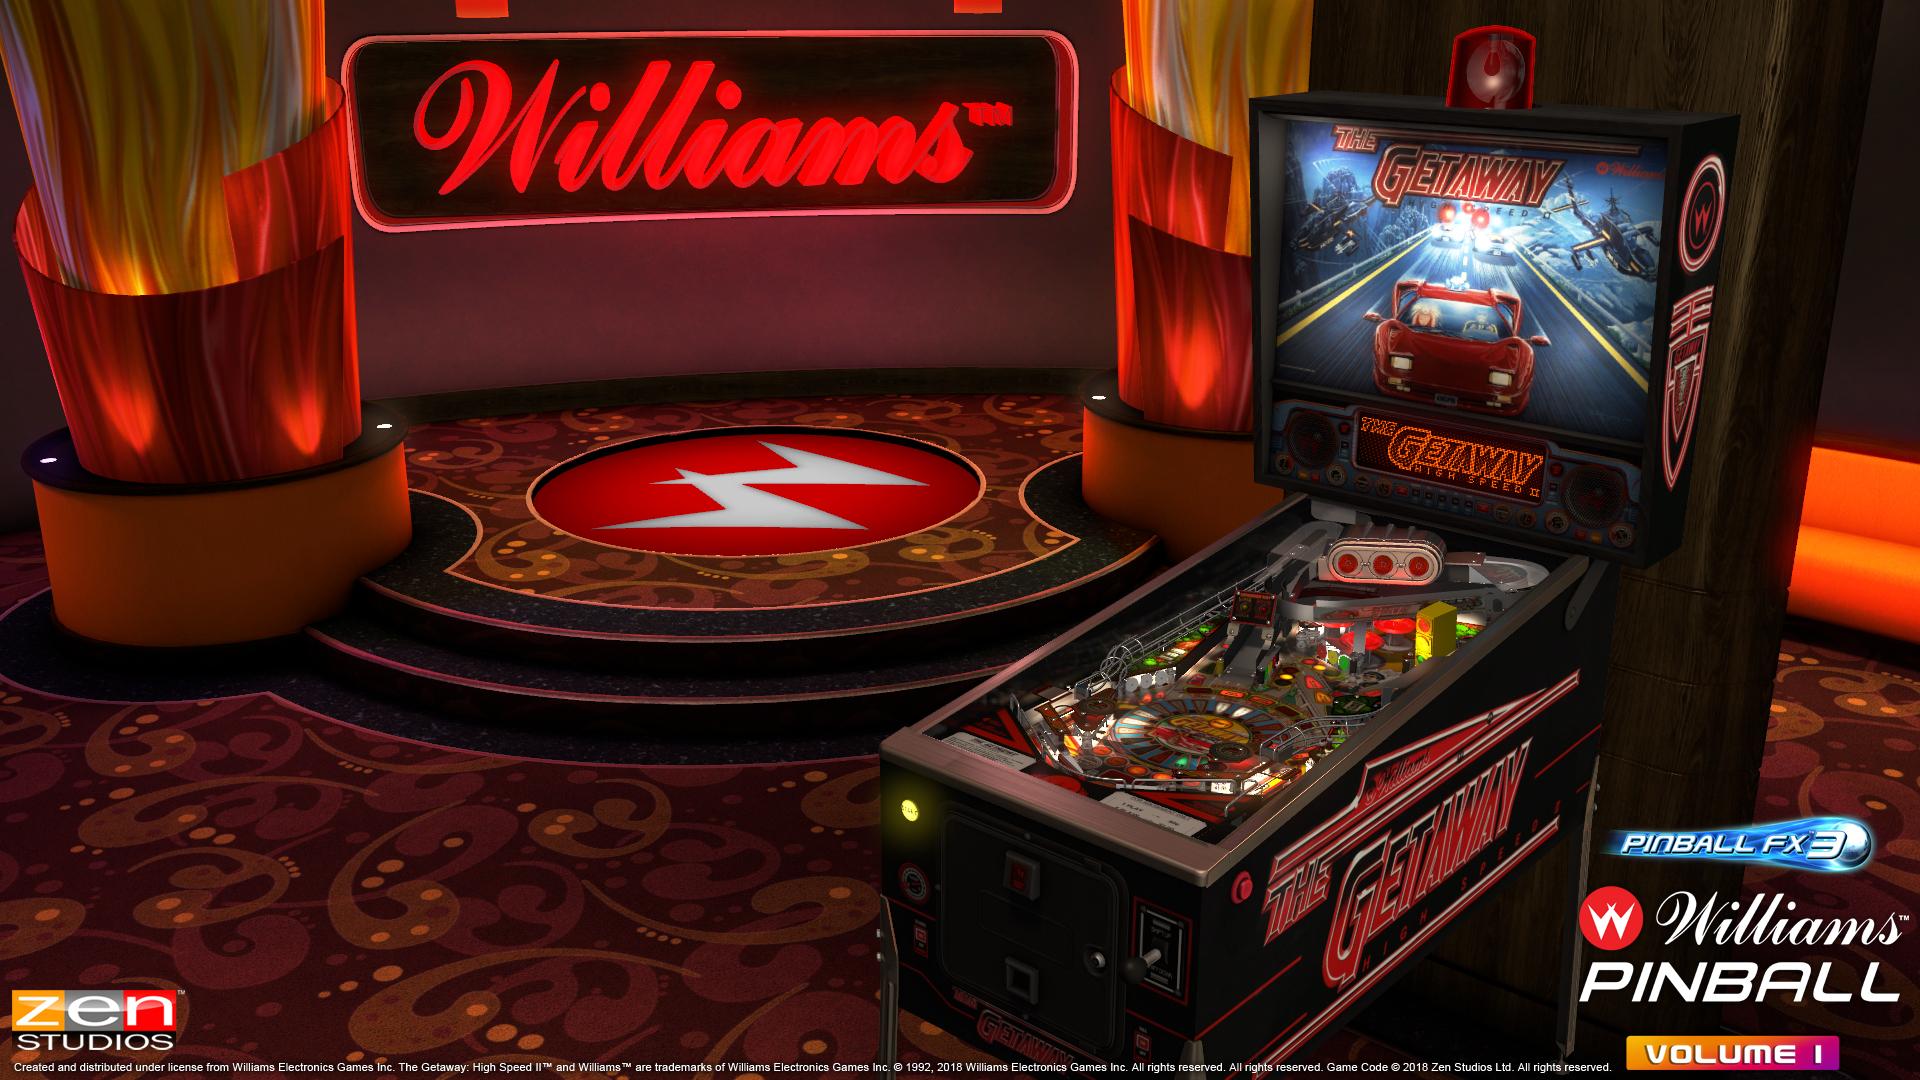 Bally/Williams pinball tables coming to Zen Studios' Pinball